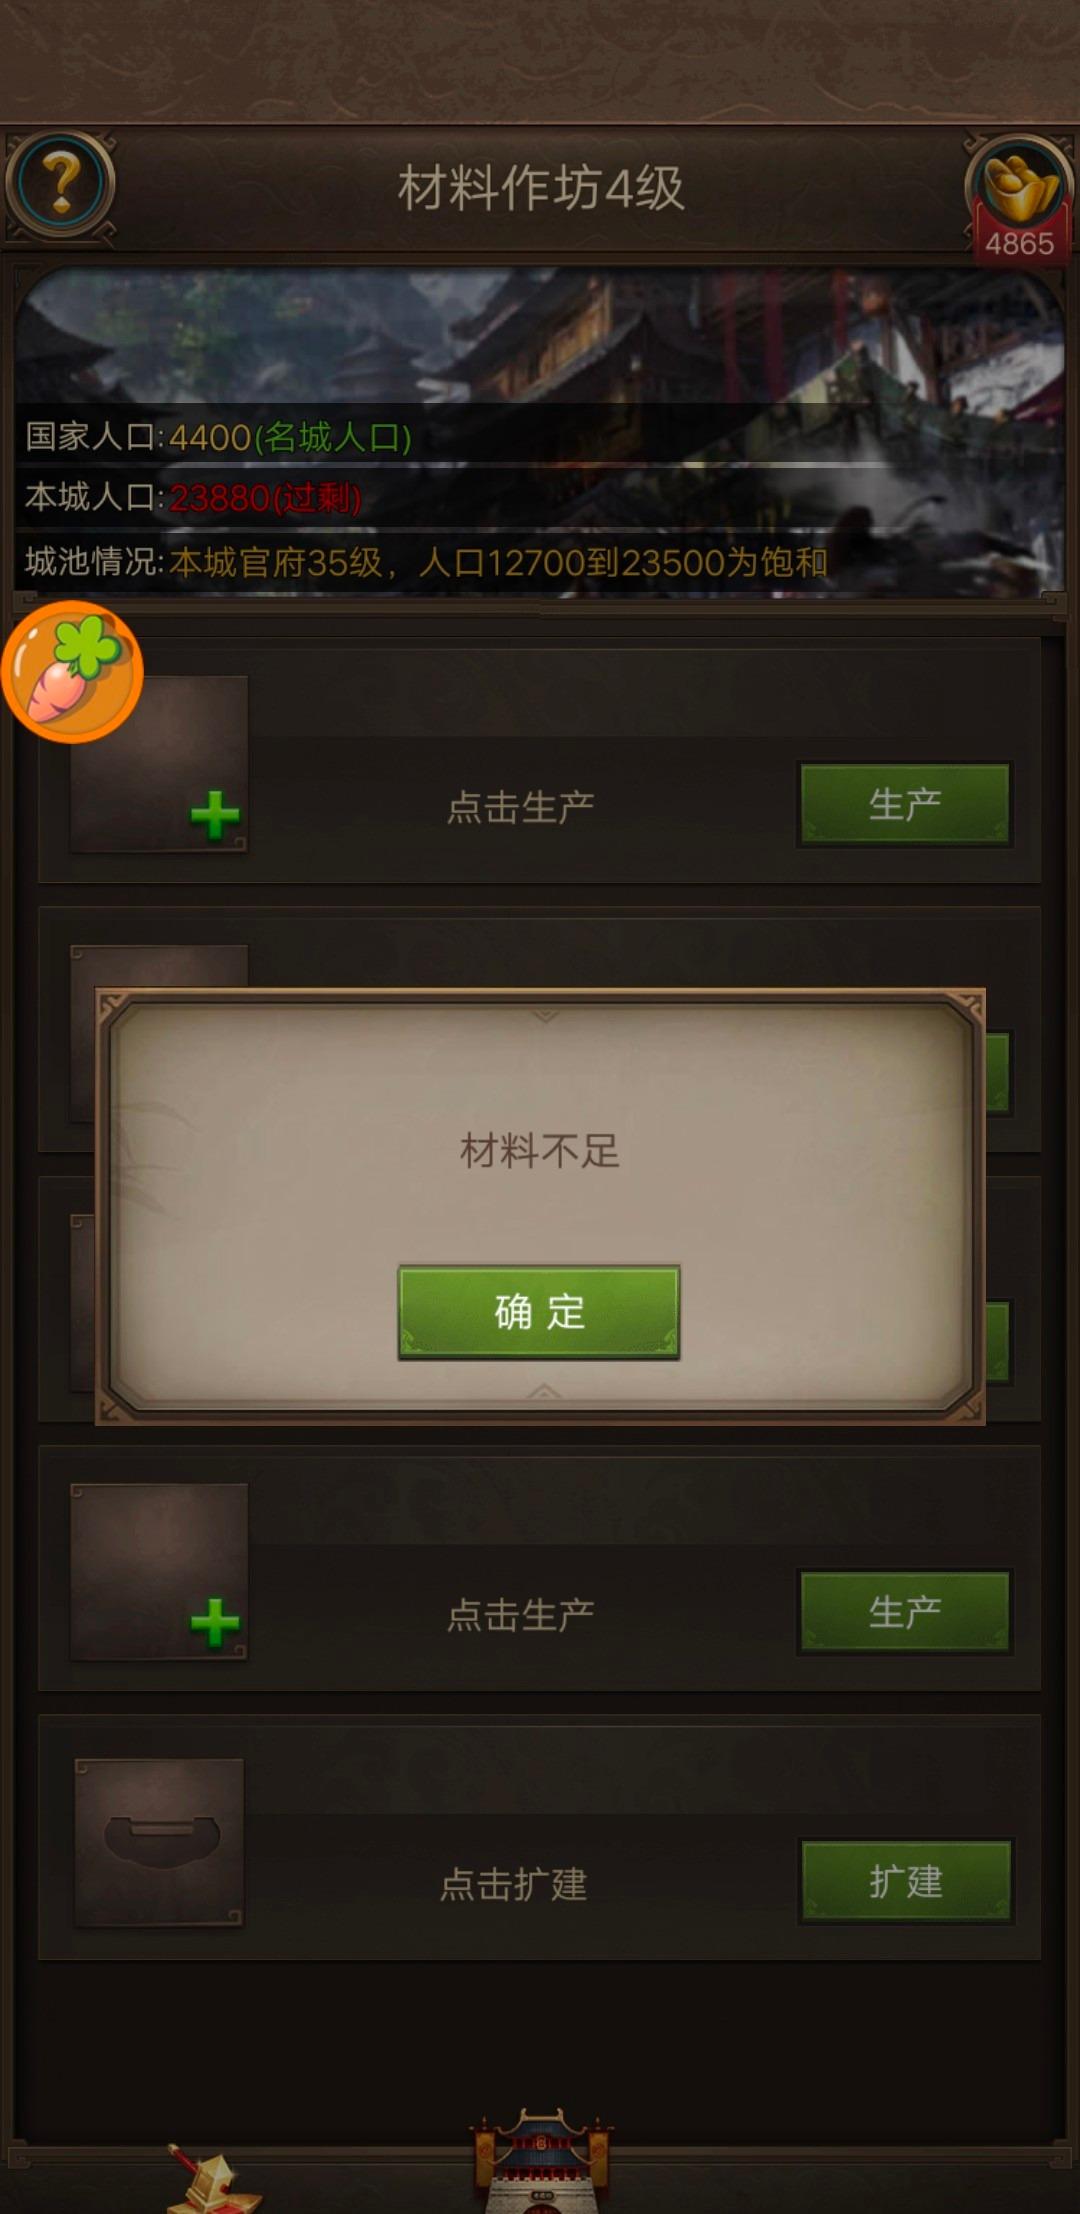 Screenshot_2020_0401_032438.jpg